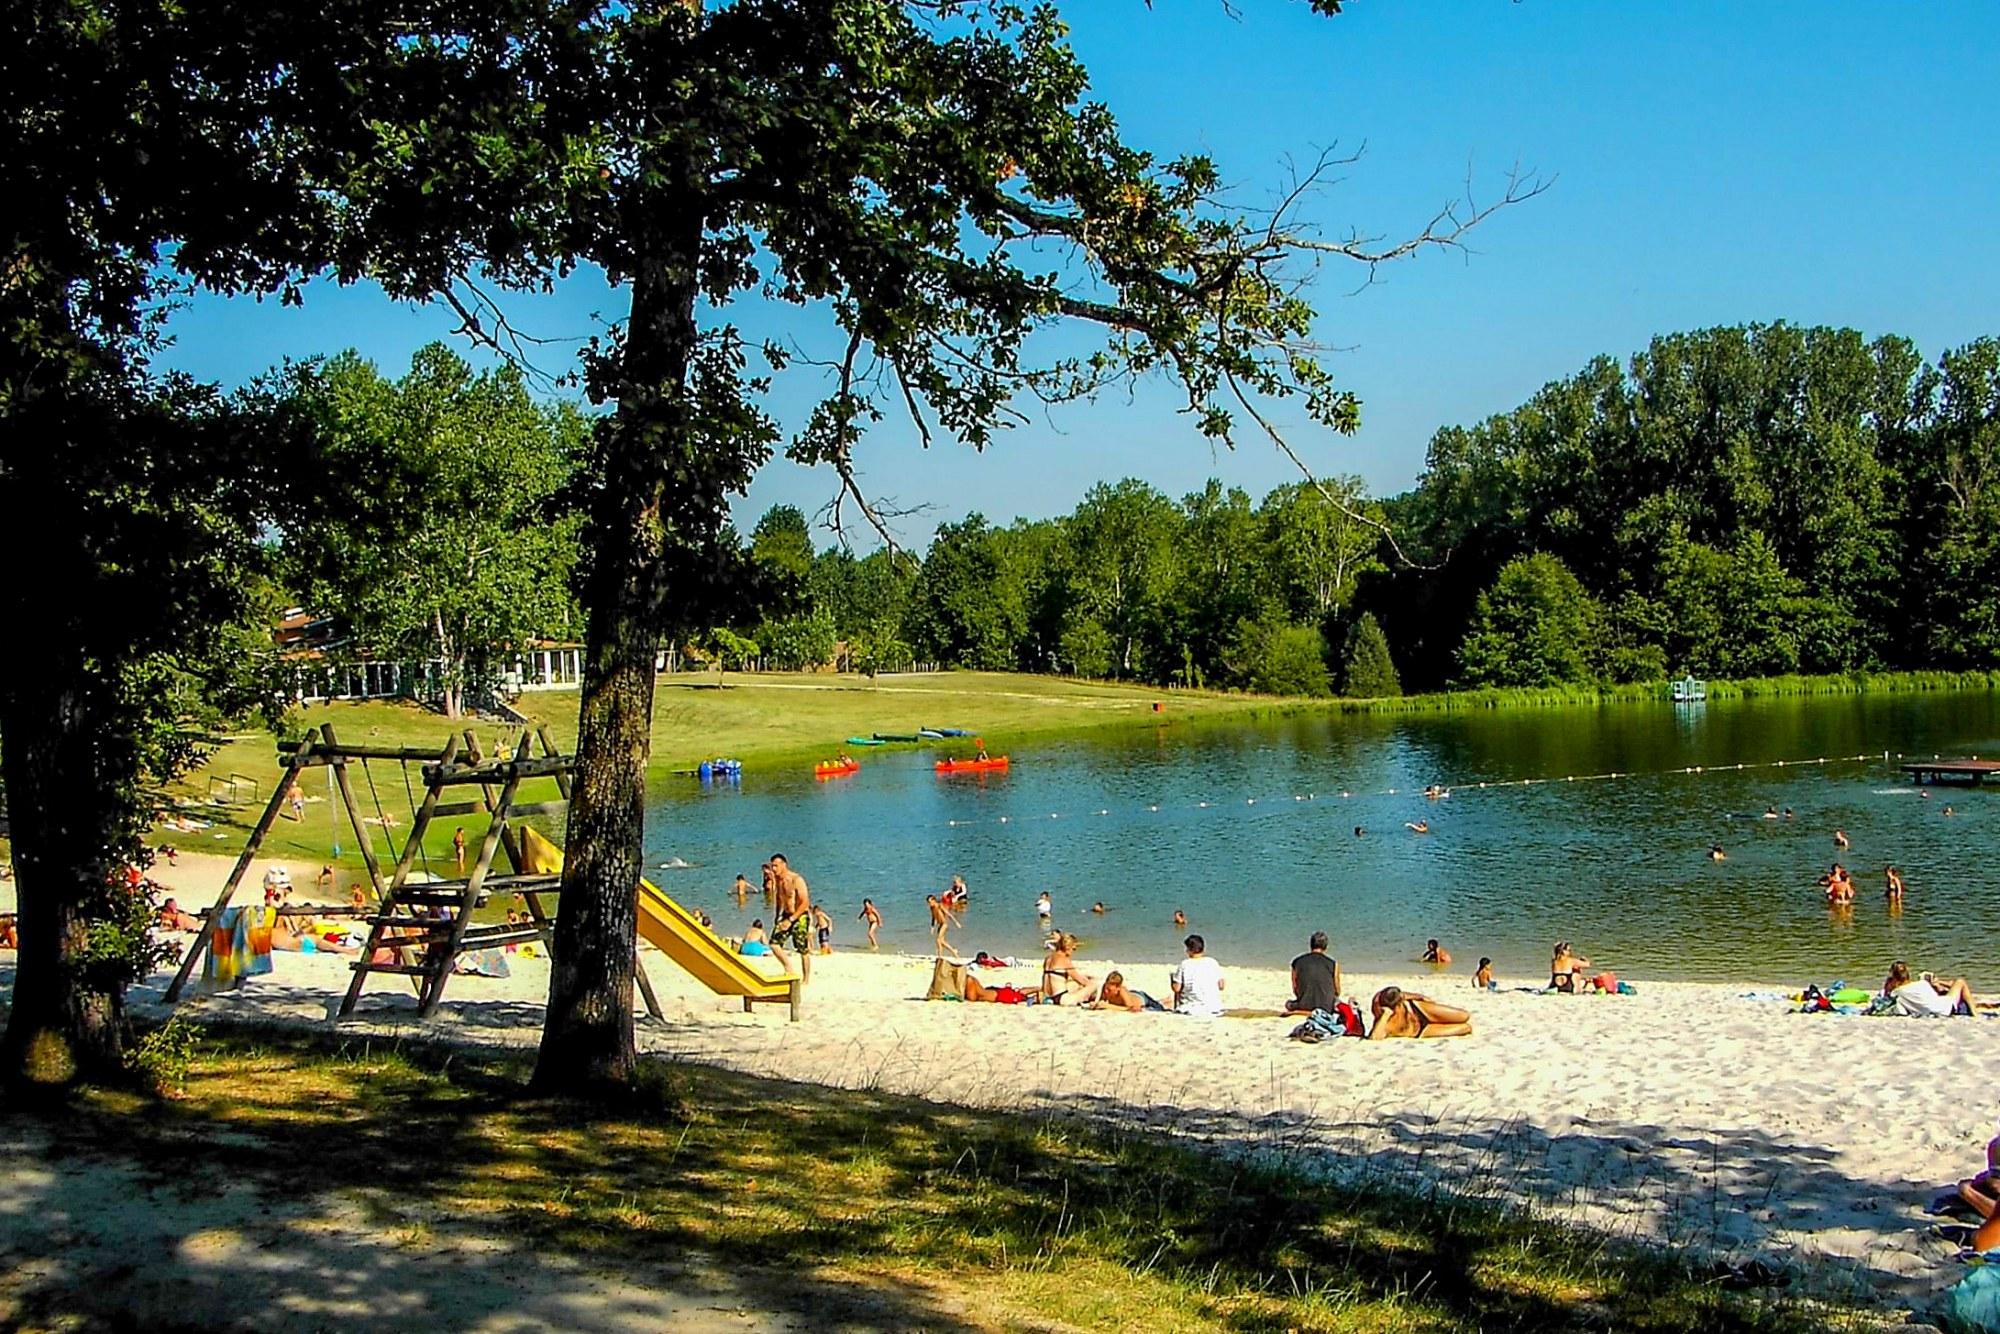 Trophée des professionnels 2017 pour la Propreté irréprochable décerné par Camping qualité au Camping du Lac de Lislebonne